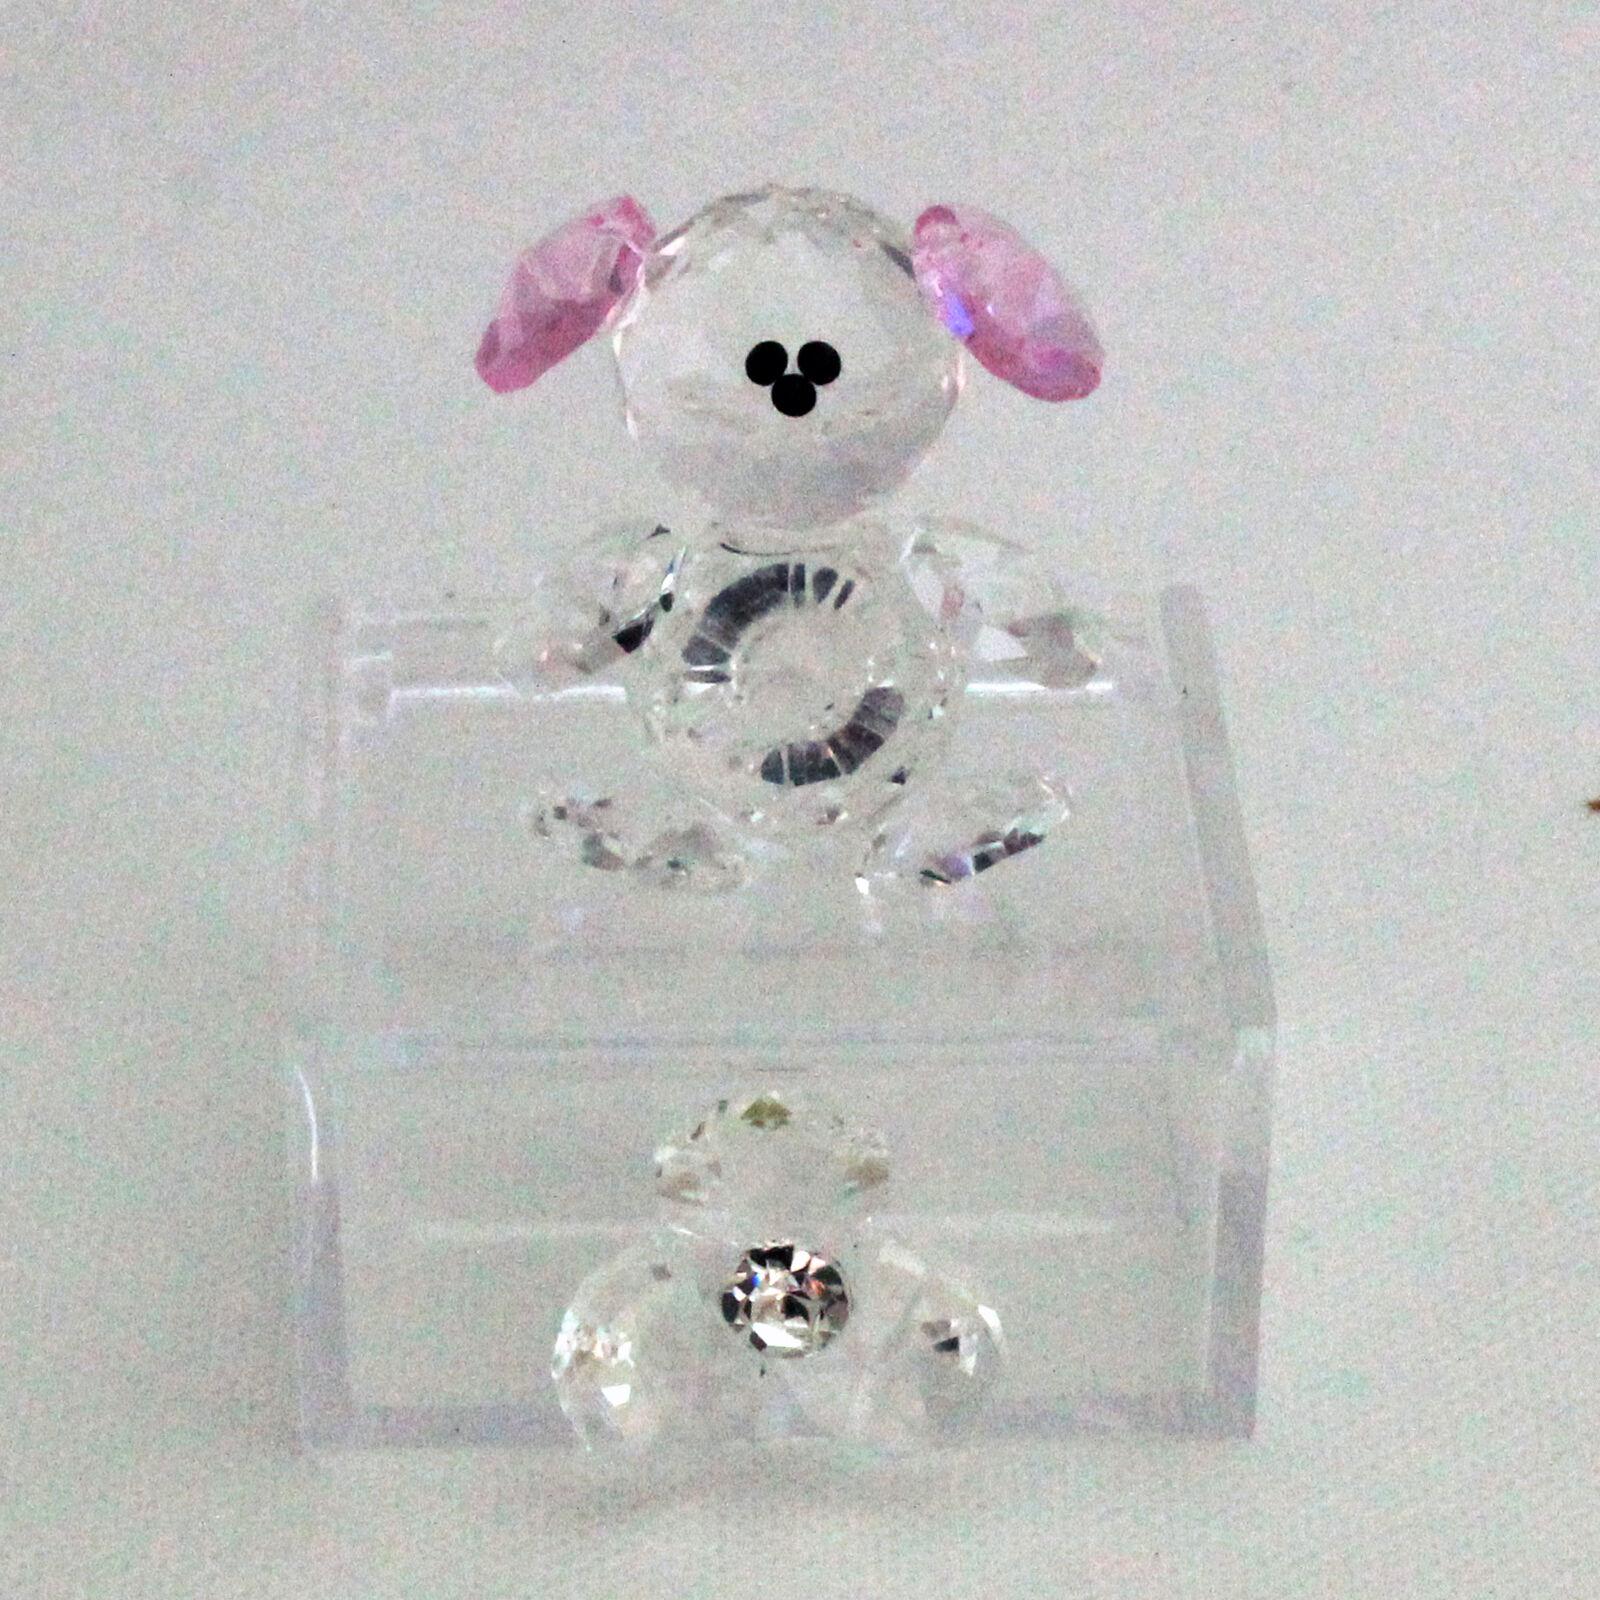 DLM25761 Scatoline in plexiglas con Orsetto Orsetto Orsetto e Fiore in cristallo rosa (kit 6 pez 3ae699